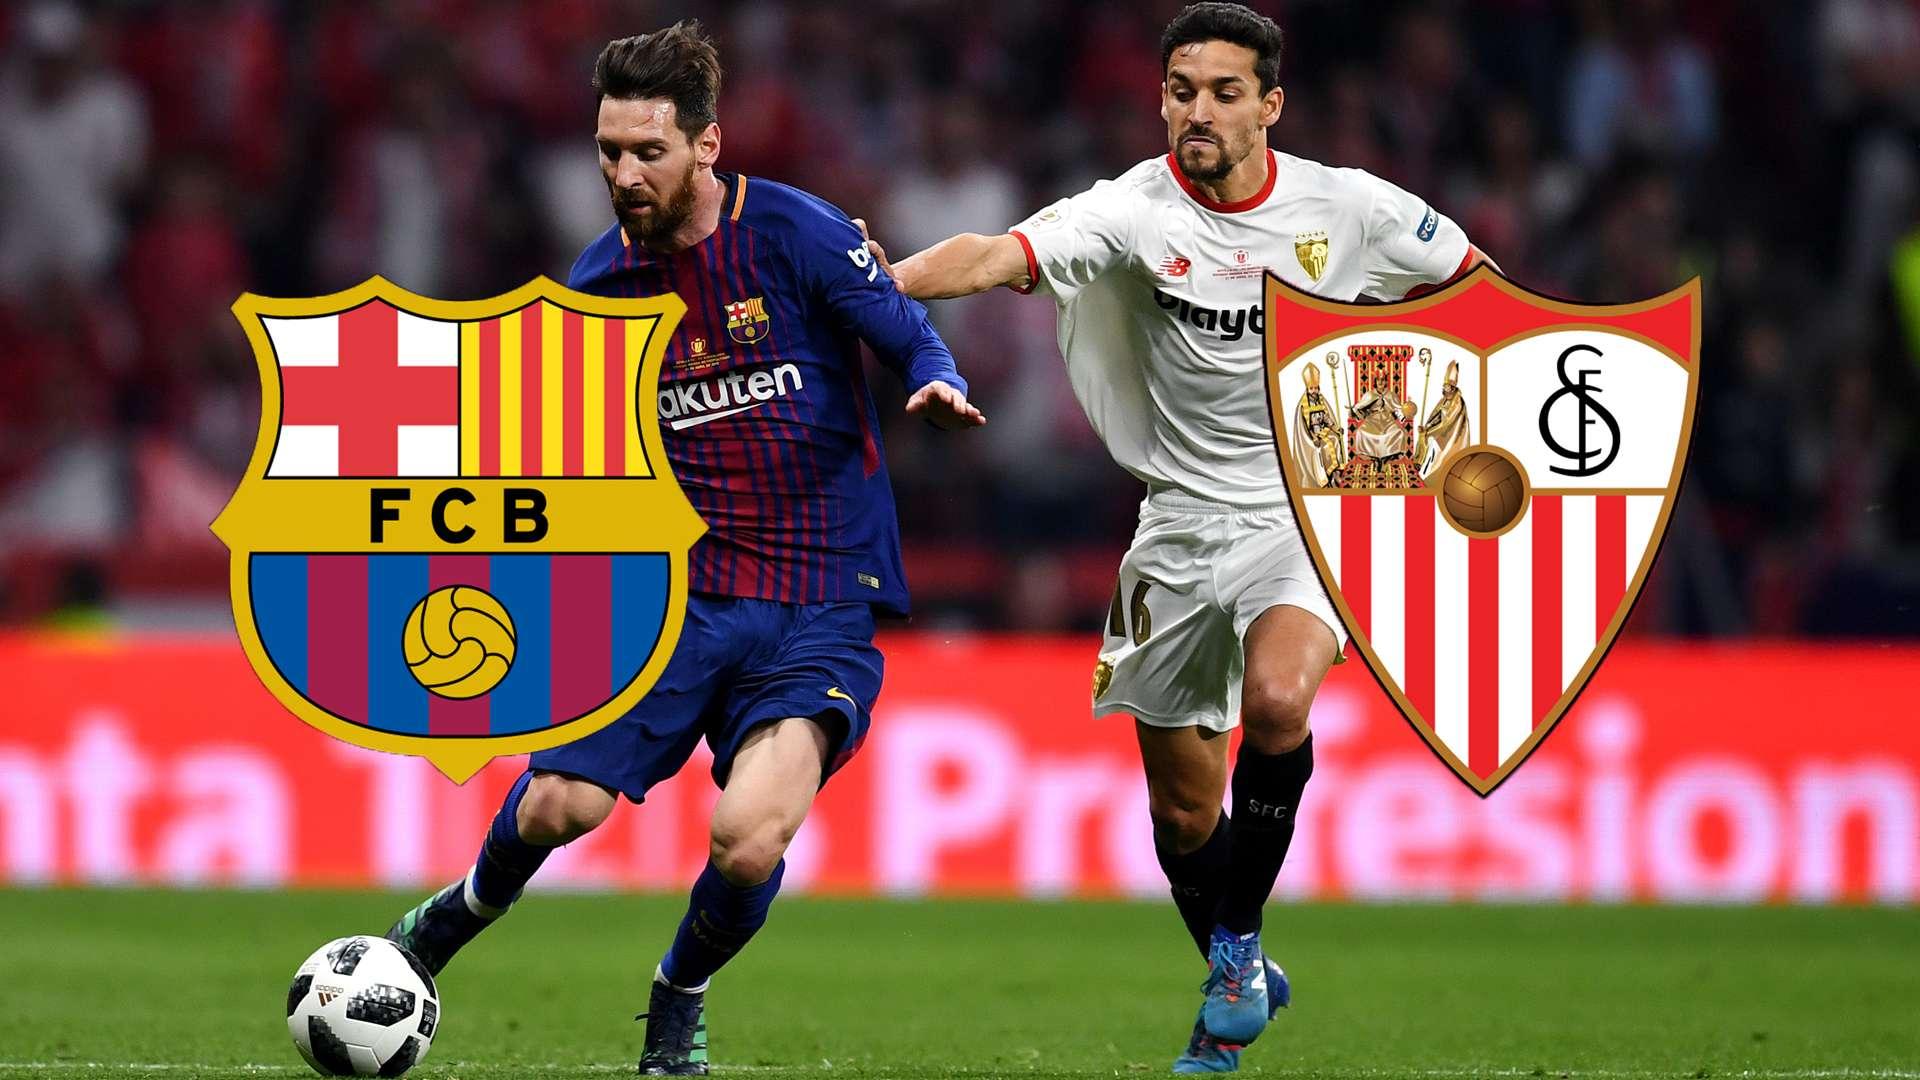 Scommesse Liga: quote e pronostico di Barcellona-Siviglia